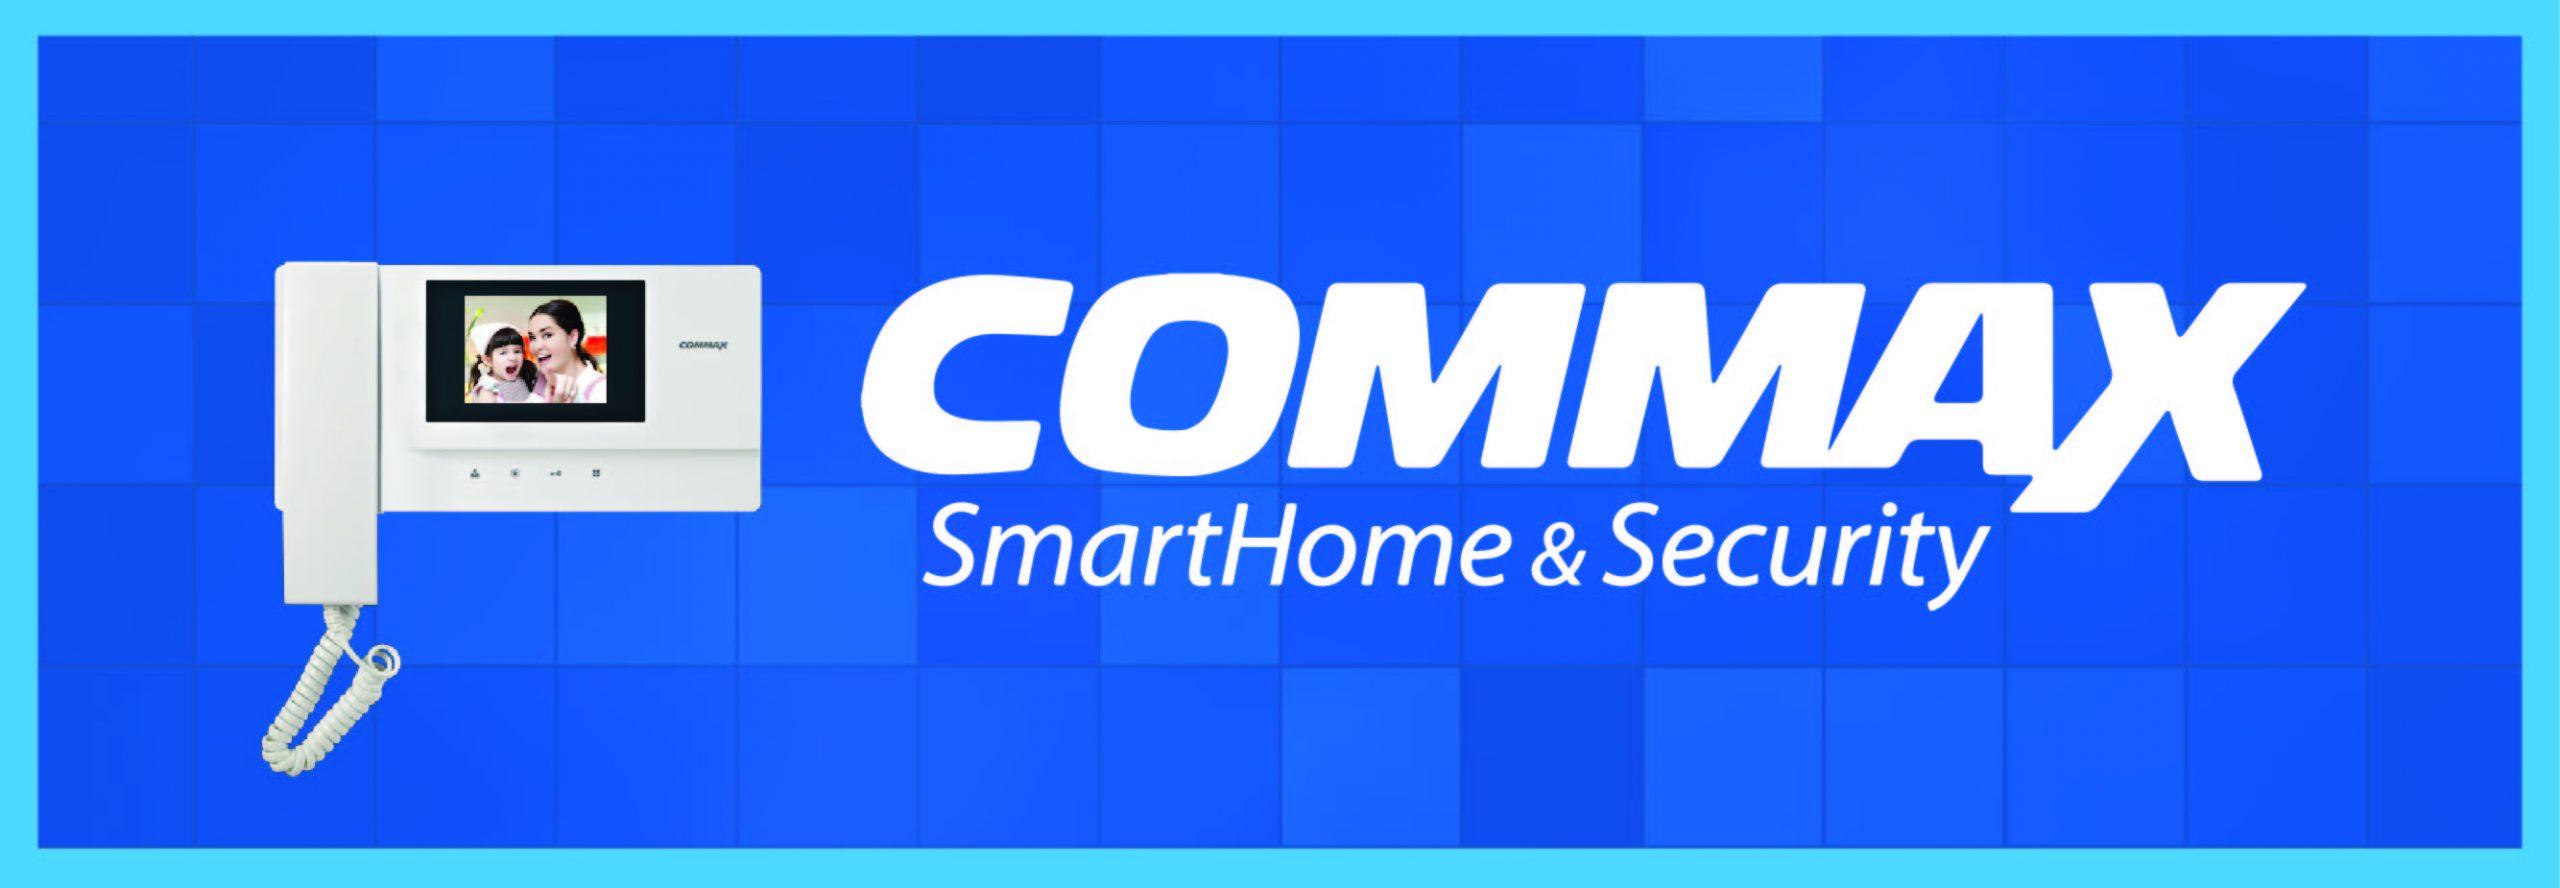 Camera247 phân phối chuông hình Commax trên toàn quốc